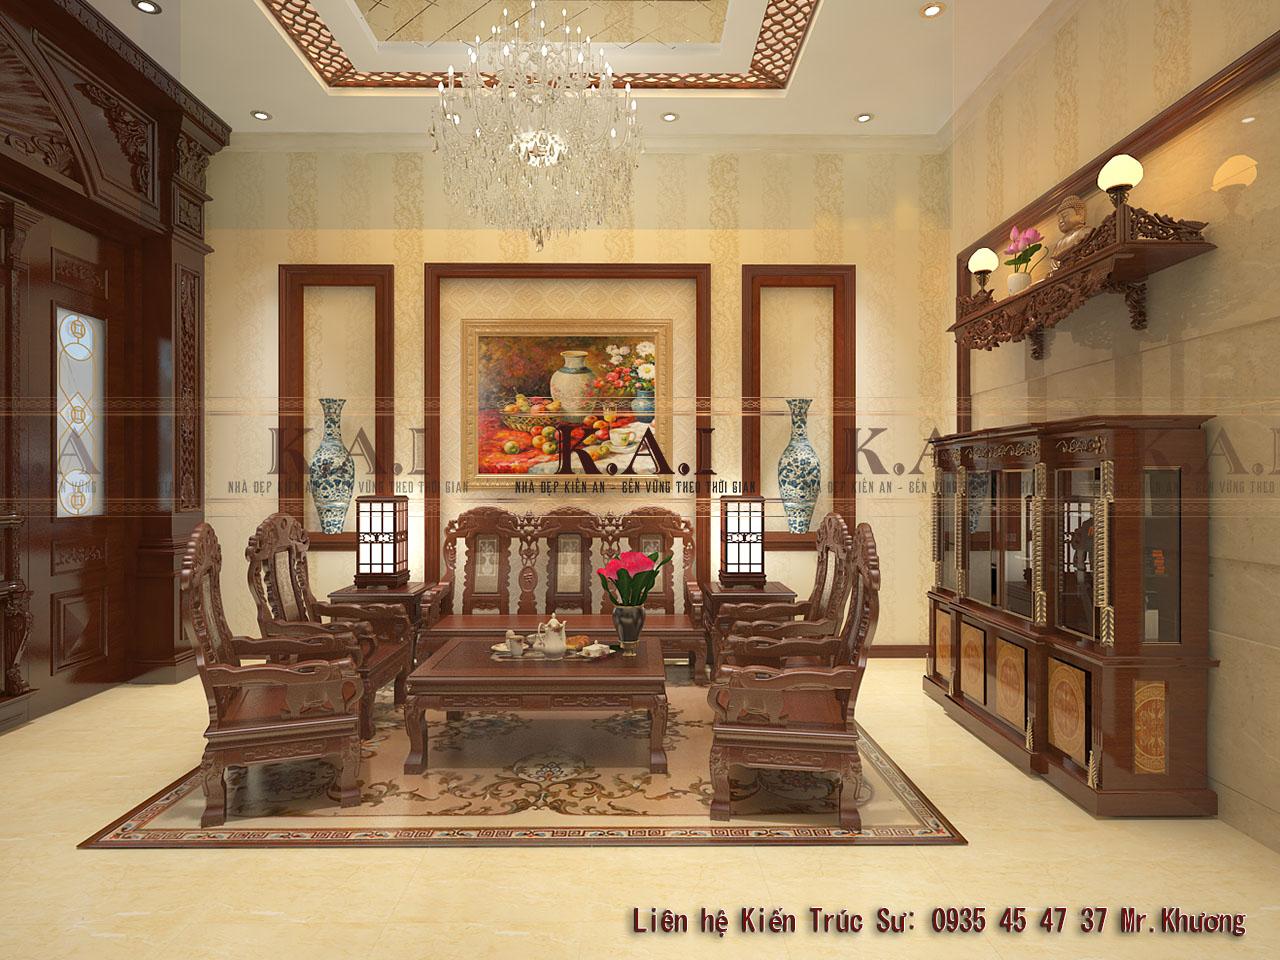 Trang trí nội thất bằng gỗ cho biệt thự trệt tại Tiền Giang